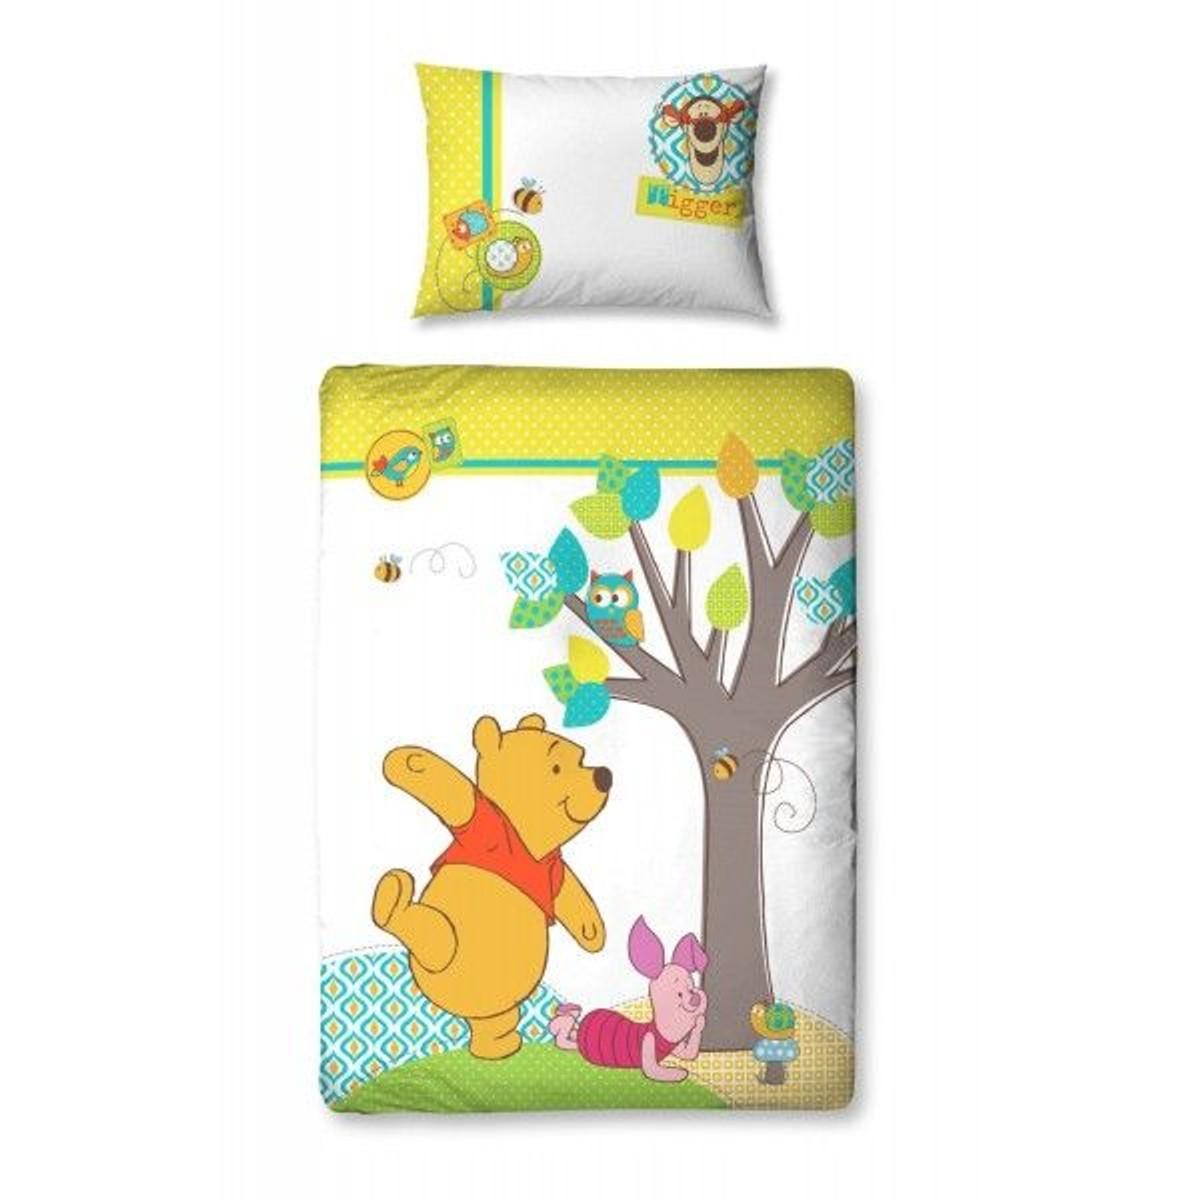 Parure de lit bébé Winnie L\'ourson Disney   Winnie the pooh ...